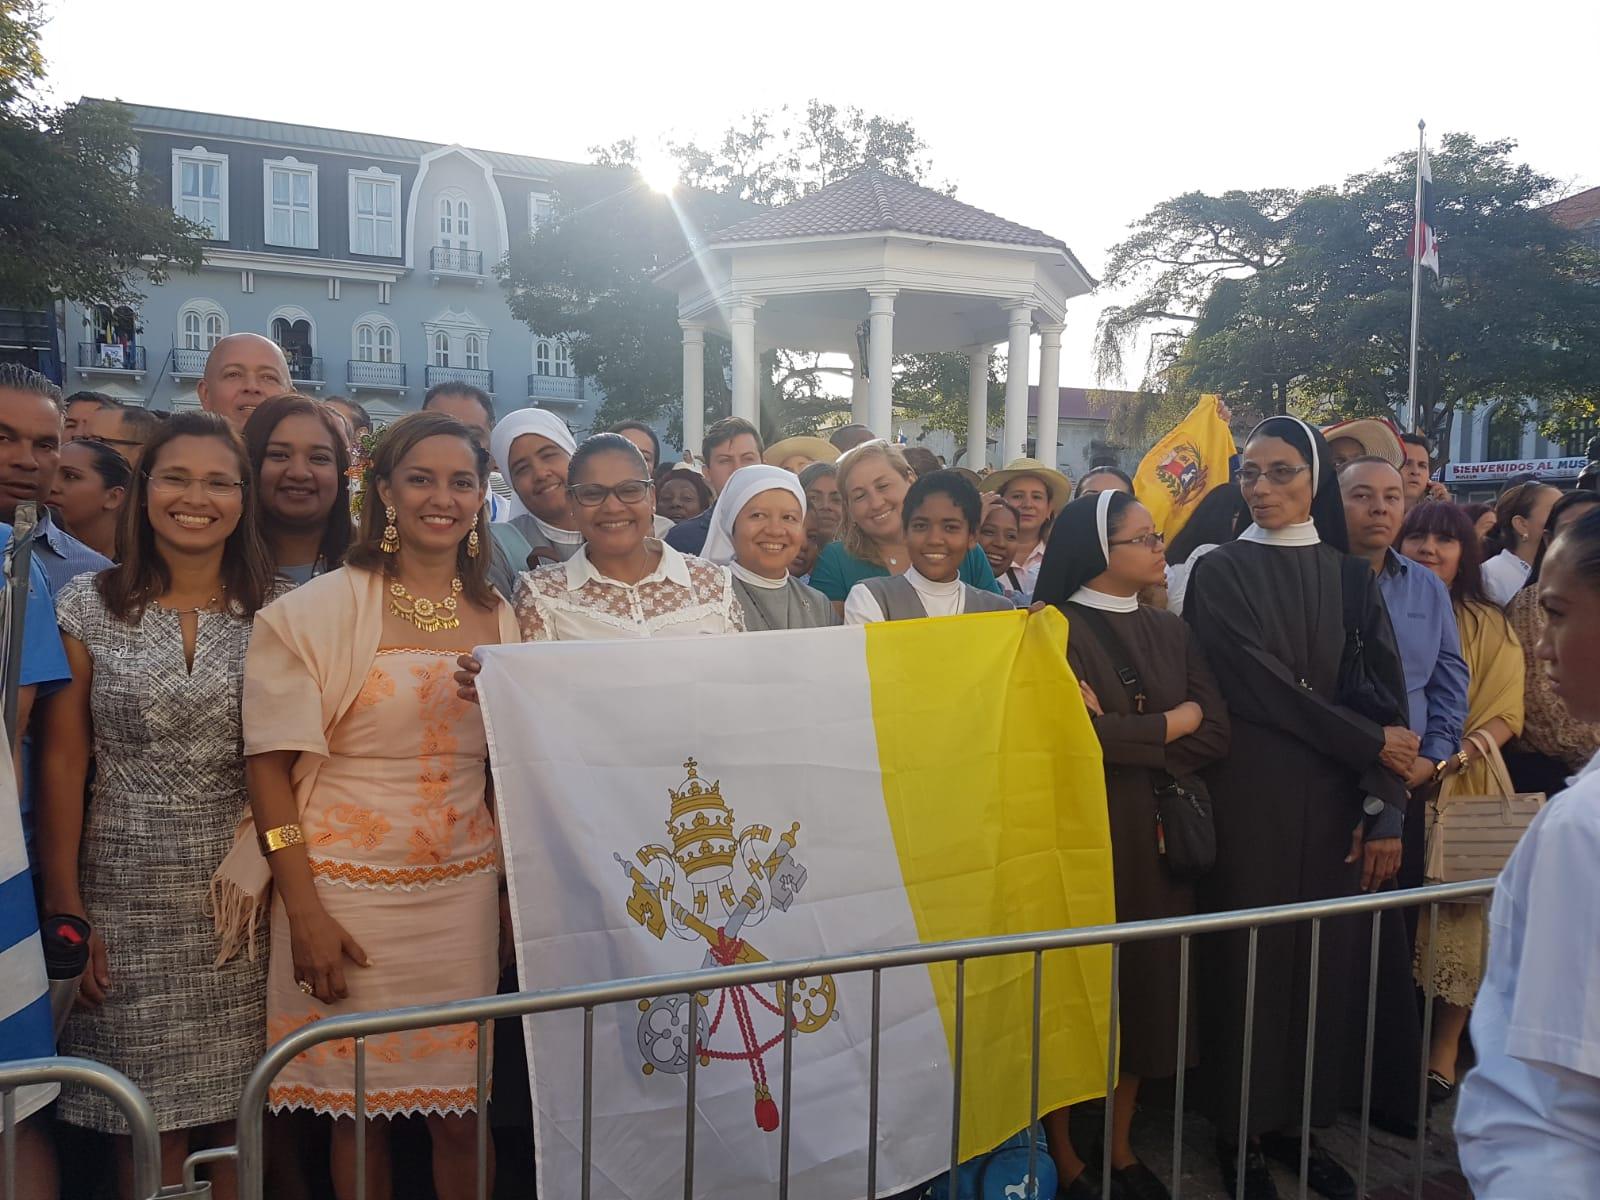 Bài giảng của Đức Thánh Cha trong Nhà thờ Chính tòa Santa Maria La Antigua ở Panama (Toàn văn)